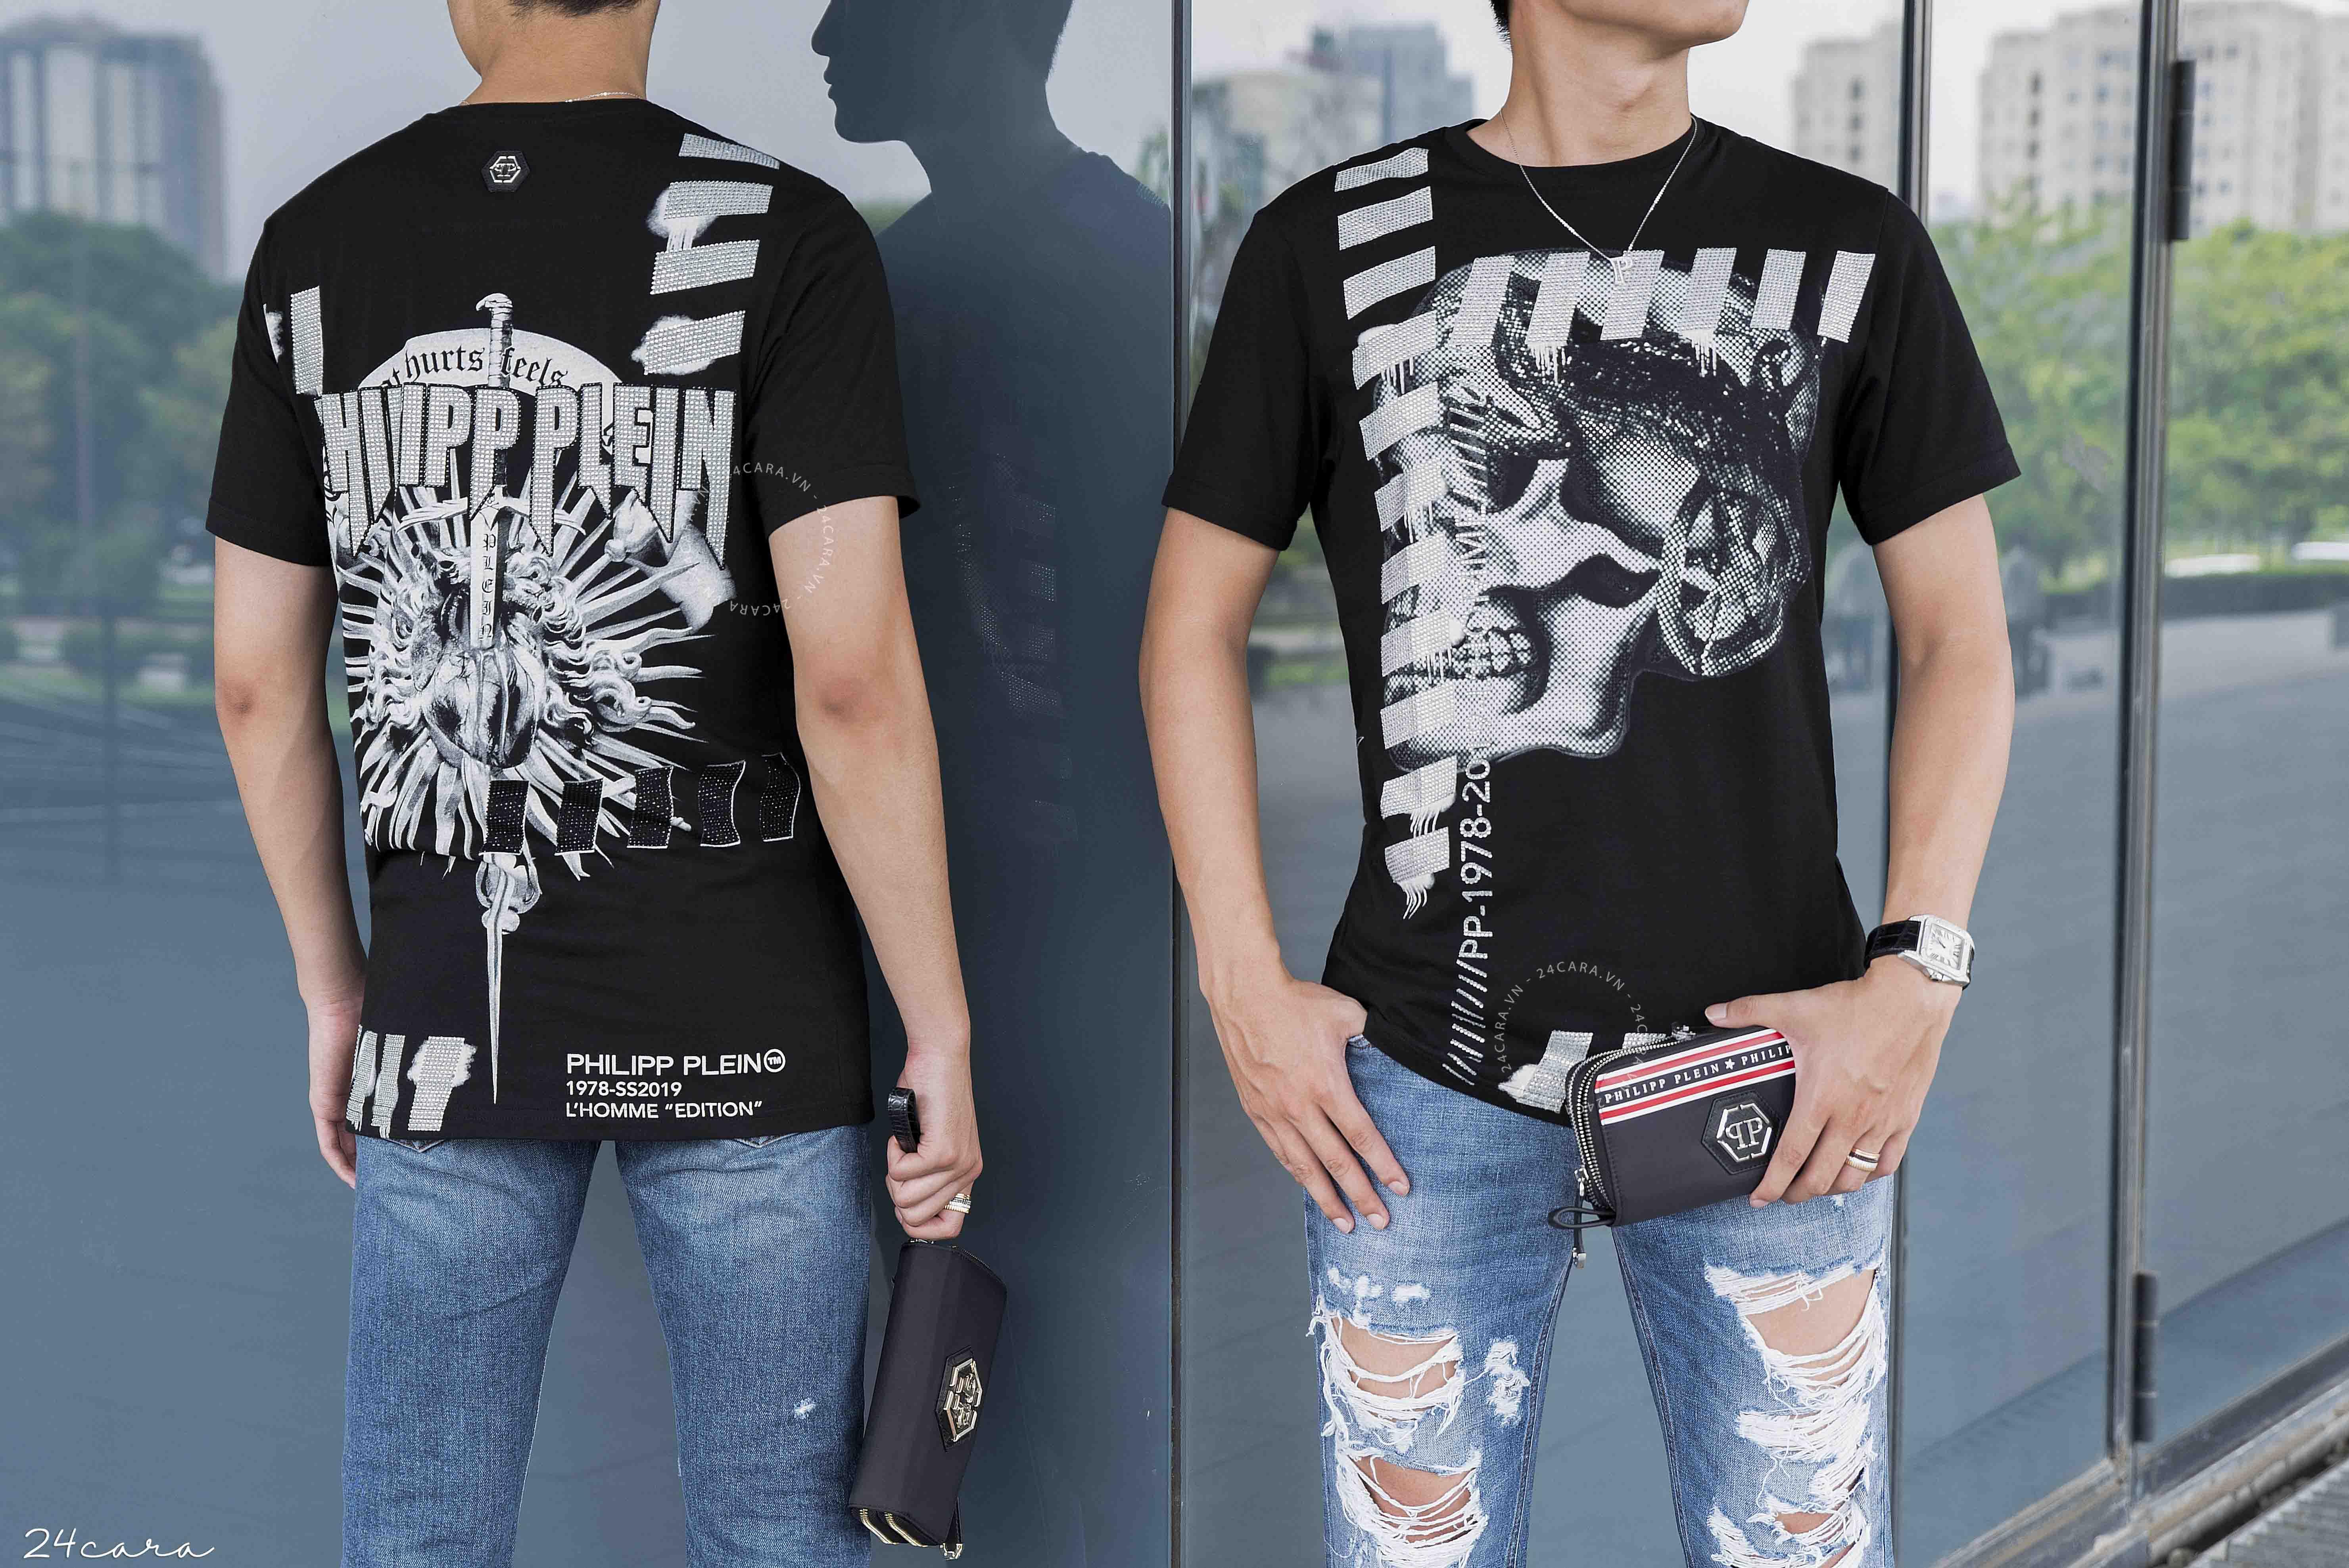 BST chào Hè từ 24Cara đầy nổi bật, trẻ trung và năng động bao gồm áo phông, quần jean và clutch đến từ những thương hiệu thời trang đình đám: Philipp Plein, Dsquared2, Marcelo Burlon, Fendi...